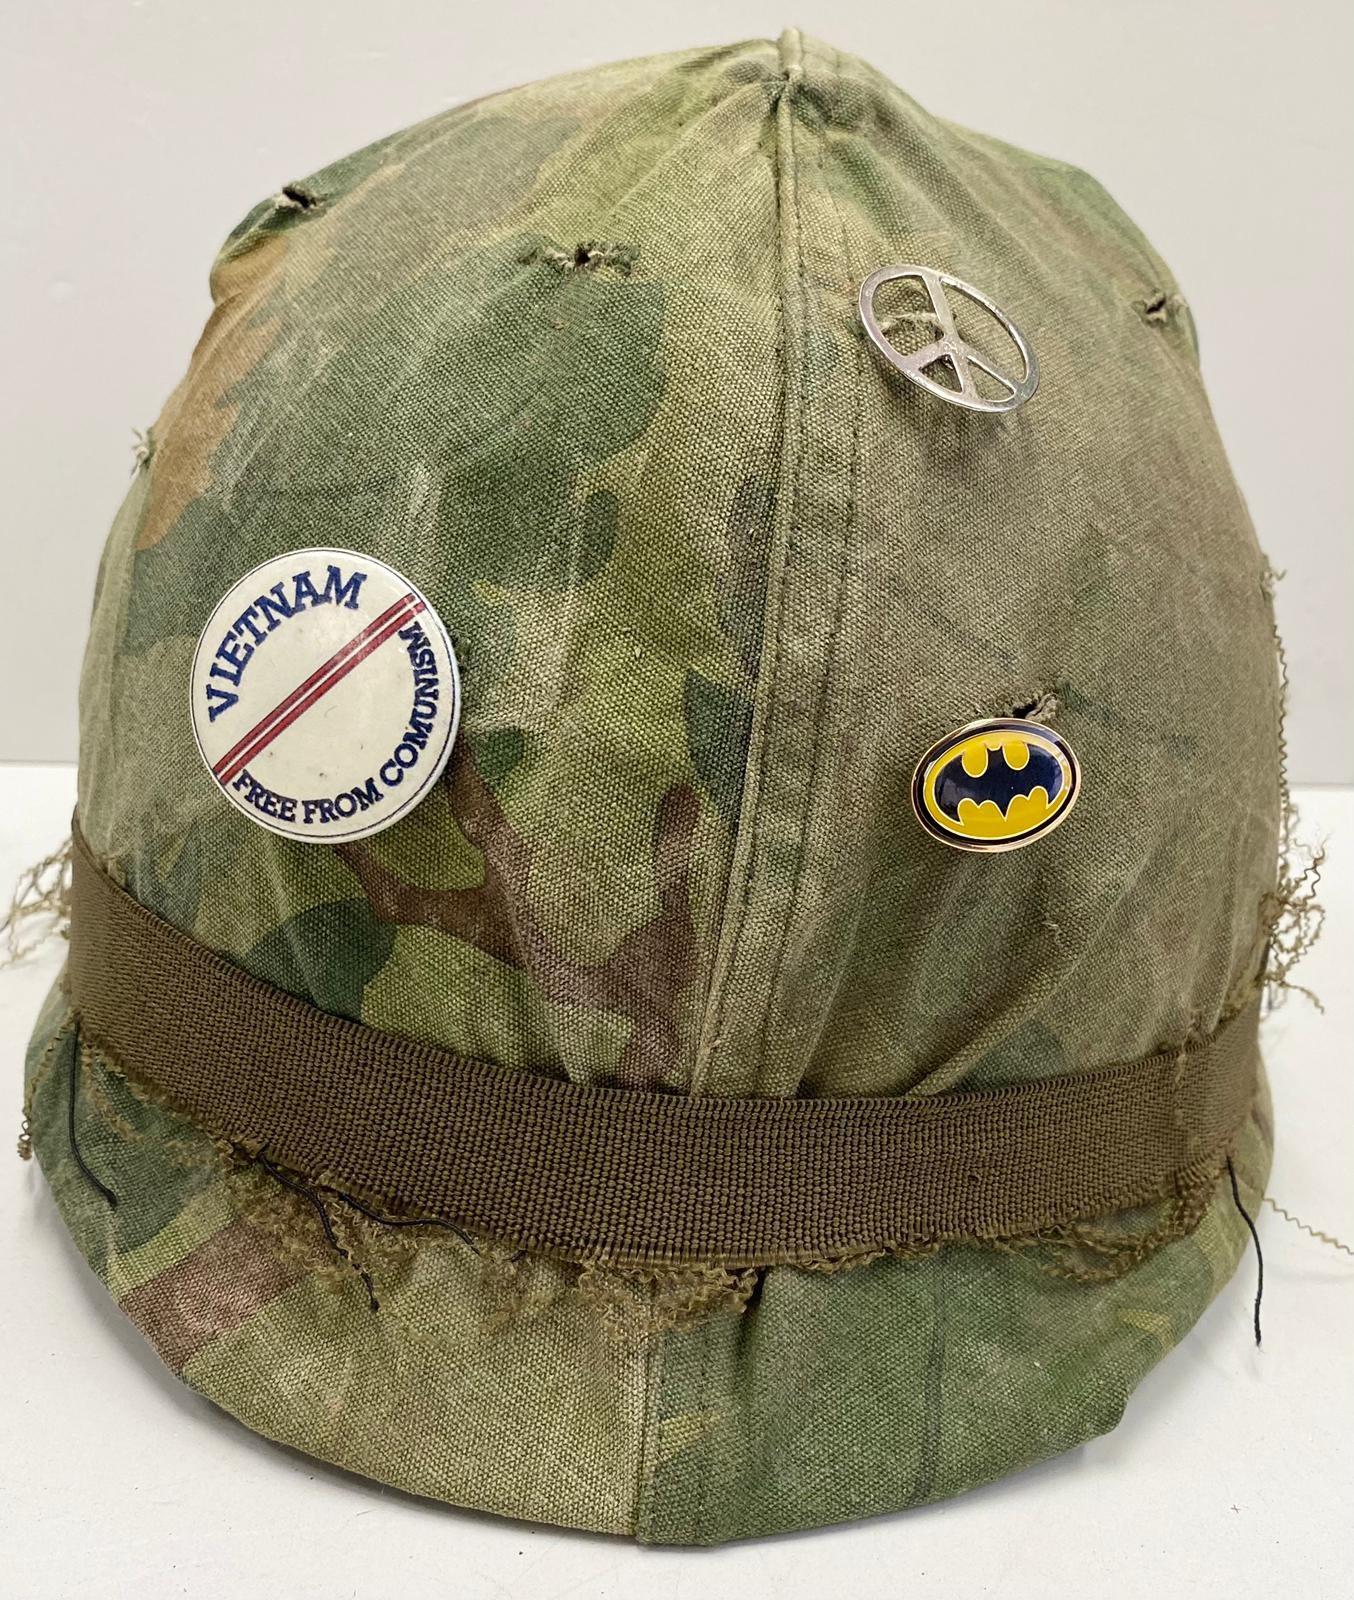 Vietnam War Era U.S.M.C Helmet. The Mitchel-Duck Hunter Reversible Helmet Cover is marked inside ?